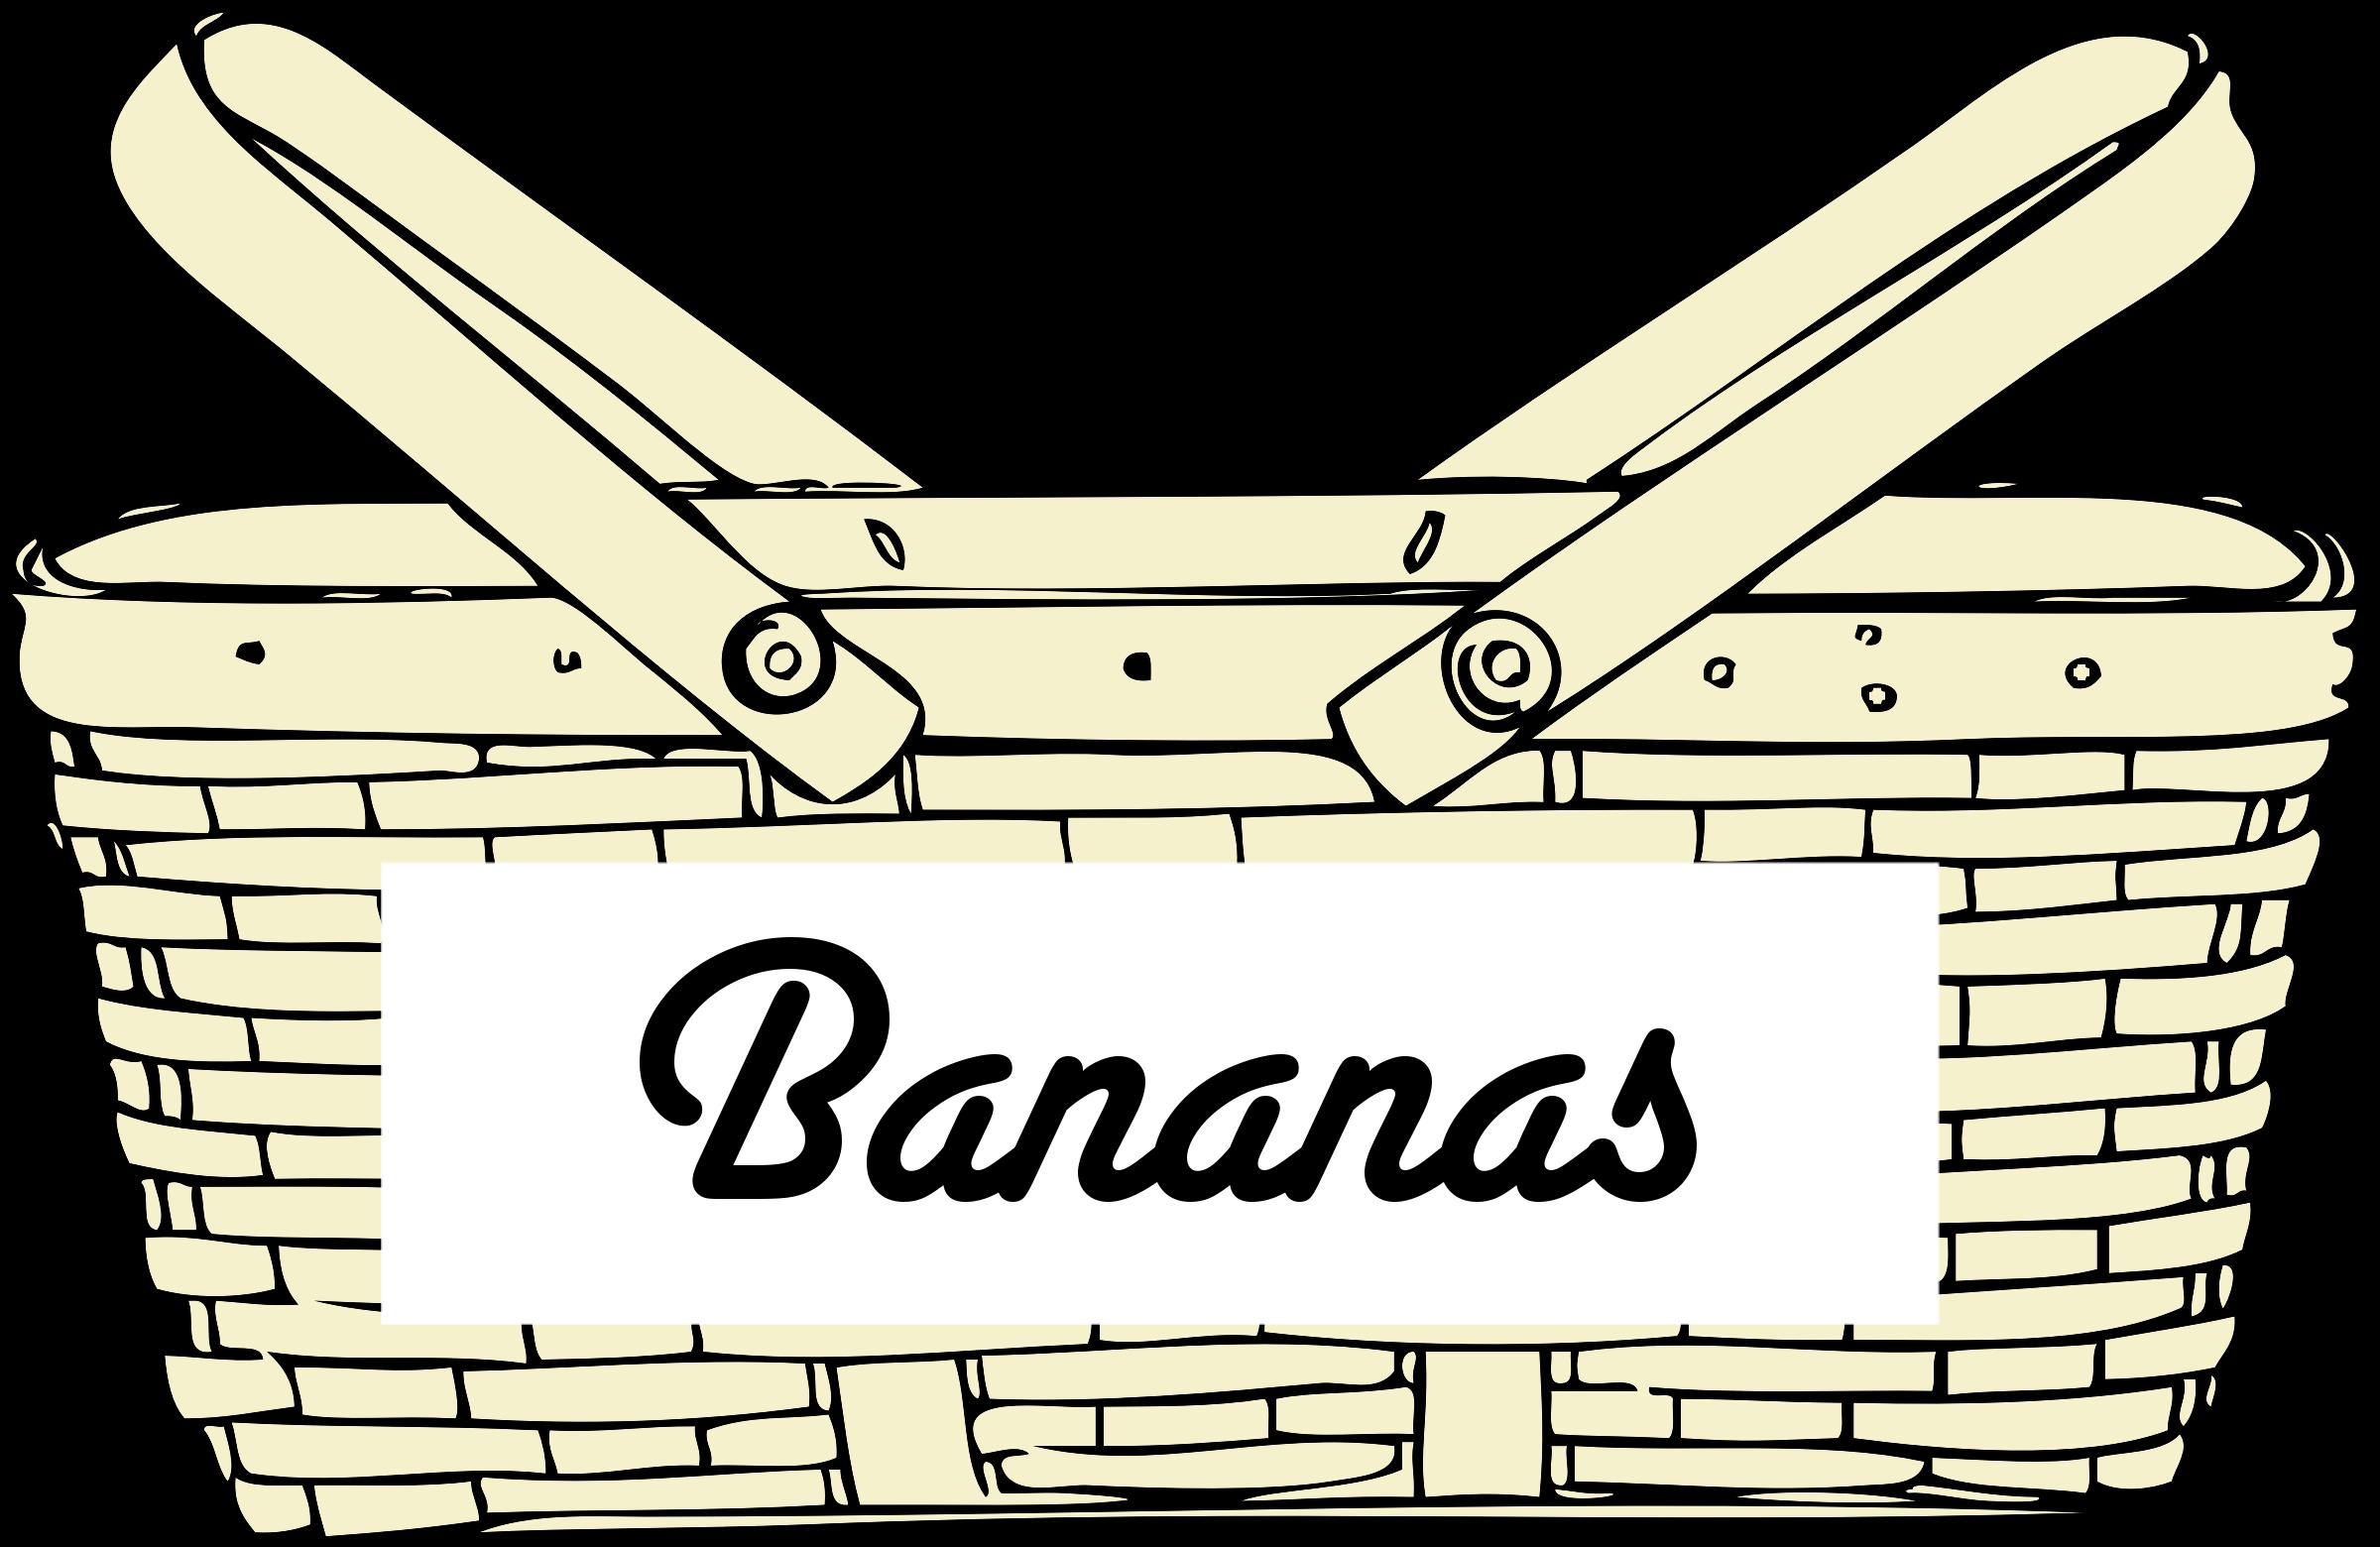 Bananas clipart basket. Index of jdegen production